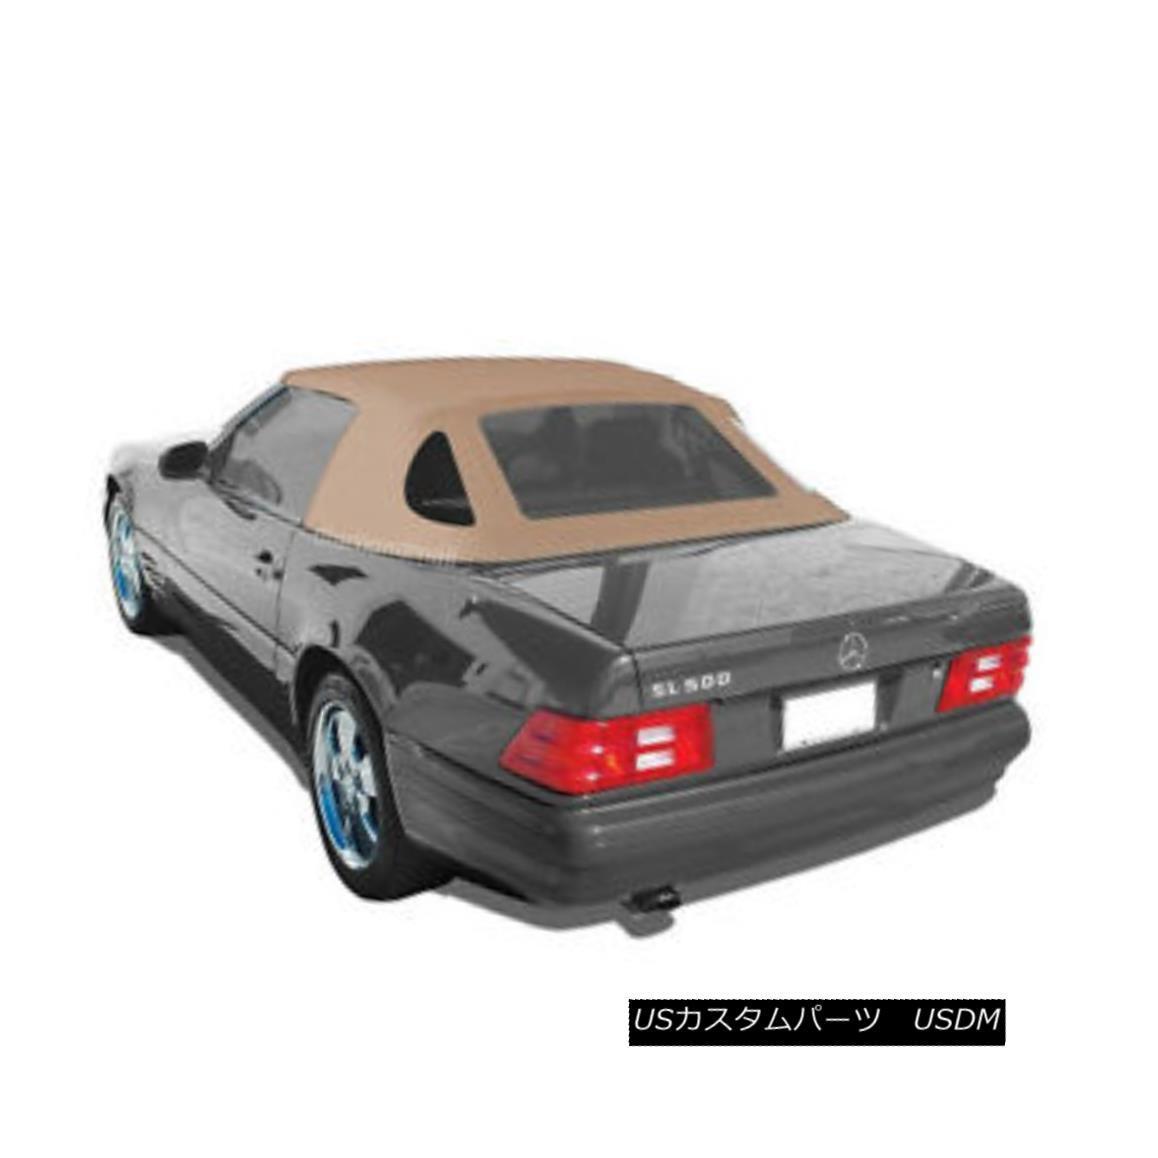 幌・ソフトトップ Mercedes R129 SL Convertible Soft Top 1990-2002 TAN GERMAN OEM Canvas Cloth メルセデスR129 SLコンバーチブルソフトトップ1990-2002 TAN GERMAN OEMキャンバスクロス